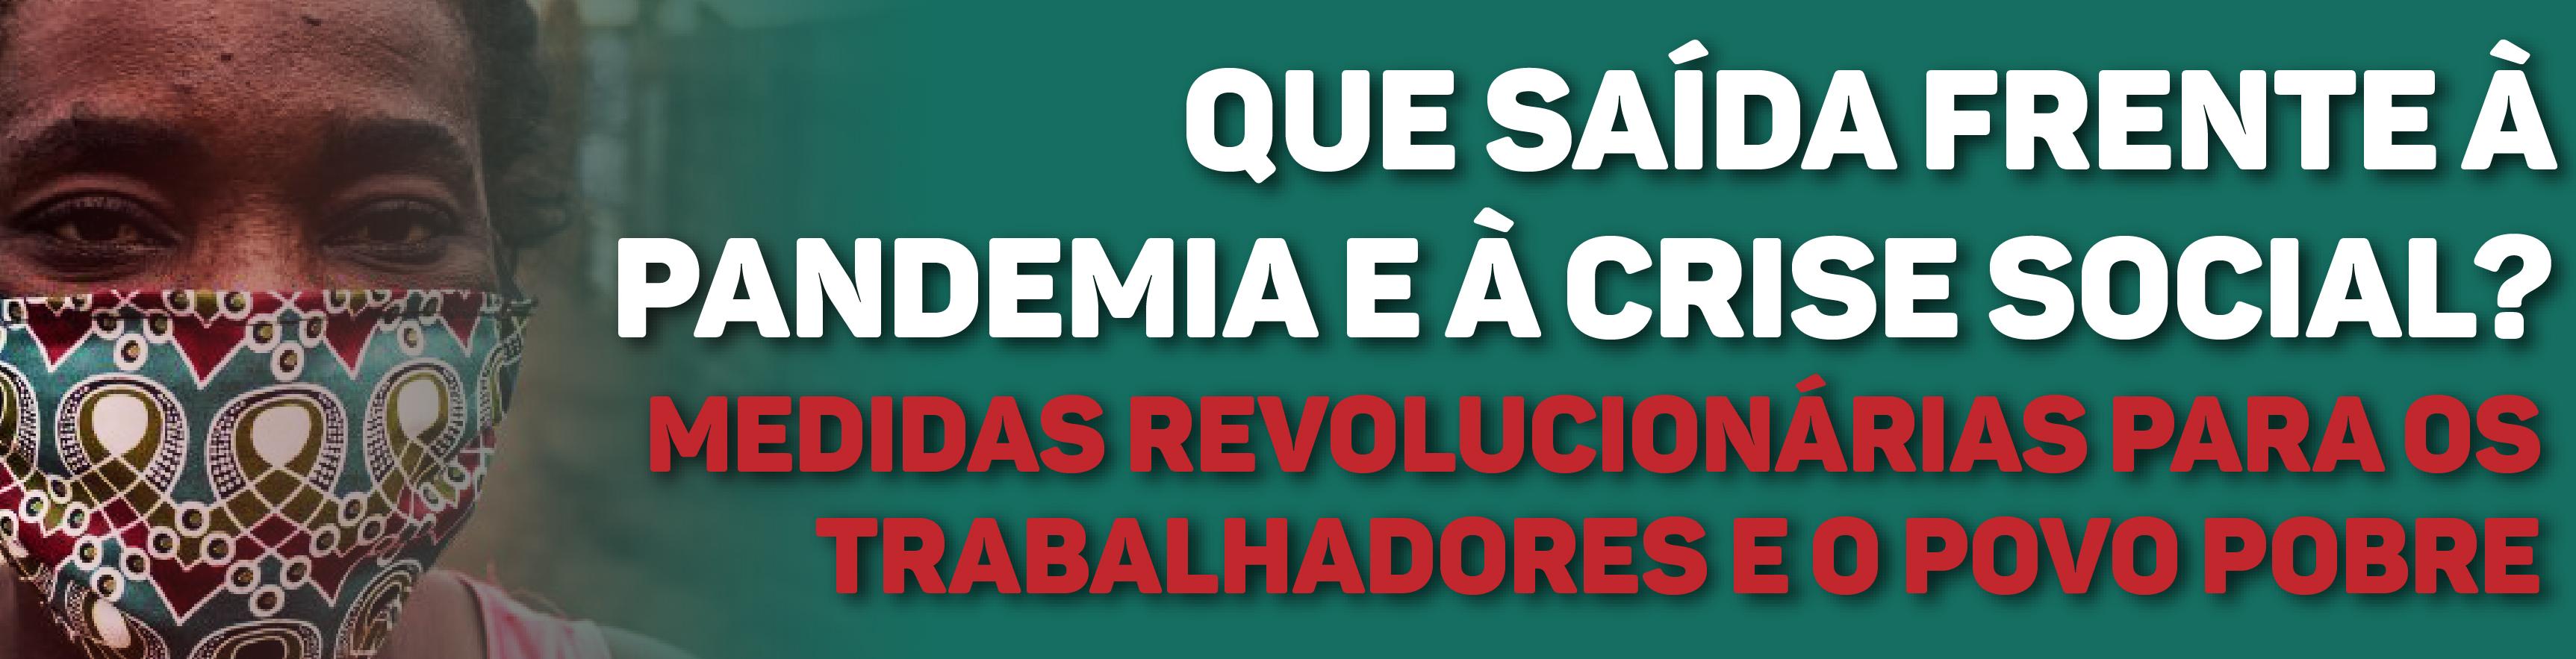 banner geral campanha emergencia_FINAL-01